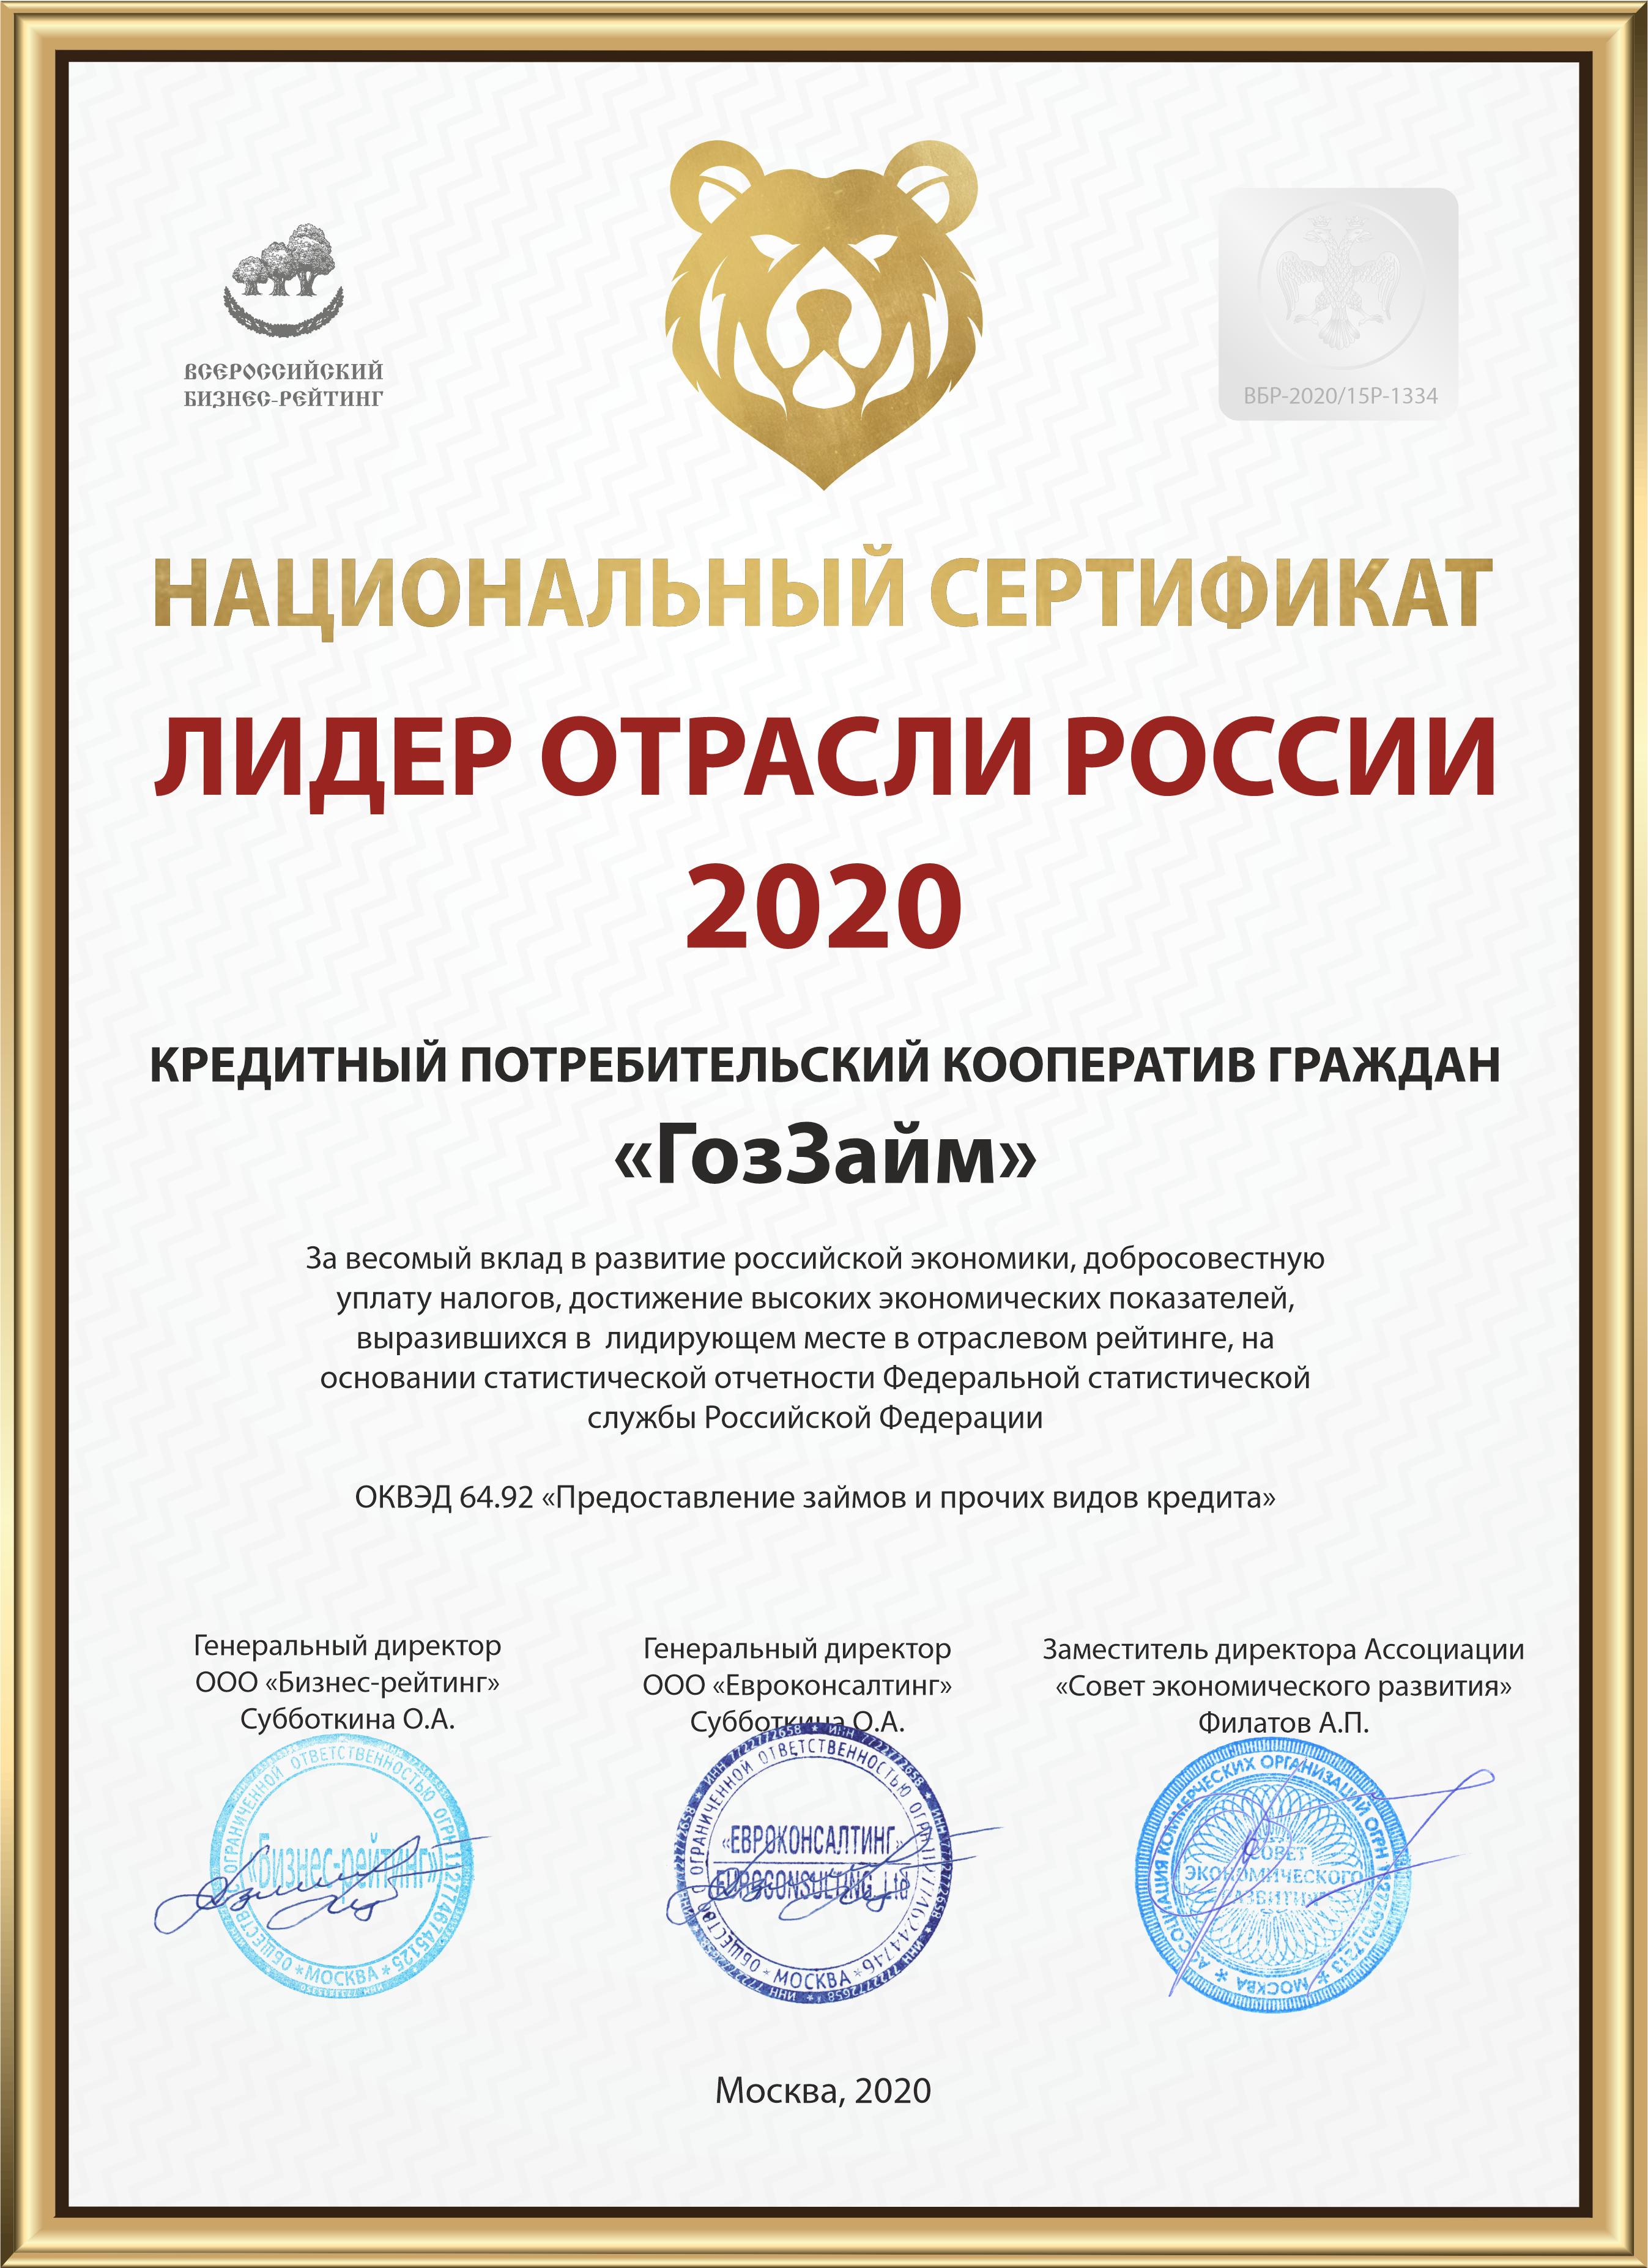 """КПКГ """"ГозЗайм"""" - ЛИДЕР ОТРАСЛИ 2020!"""